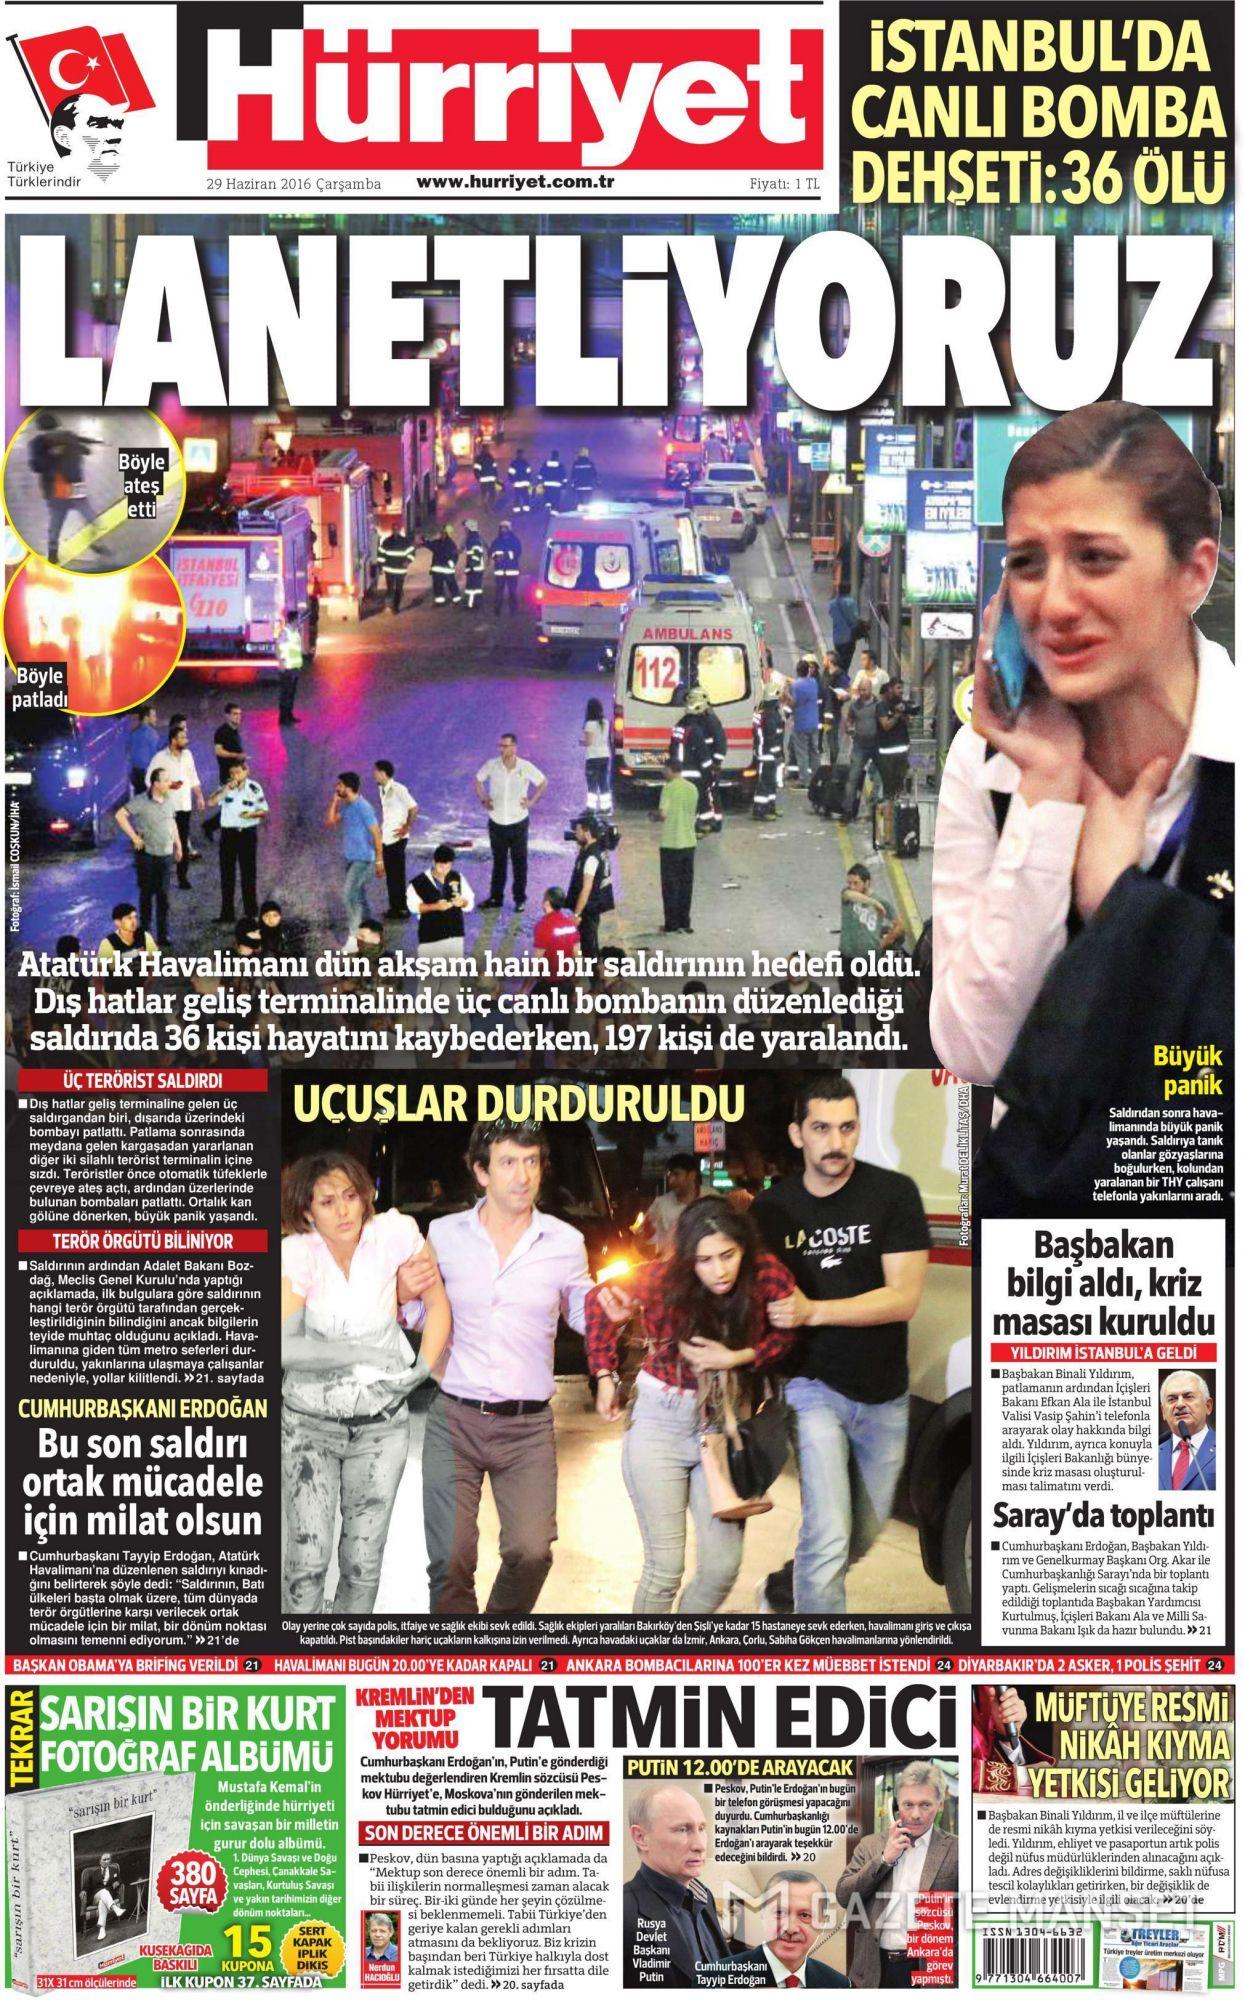 İşte Atatürk Havalimanı saldırısıyla ilgili tüm haberler 36